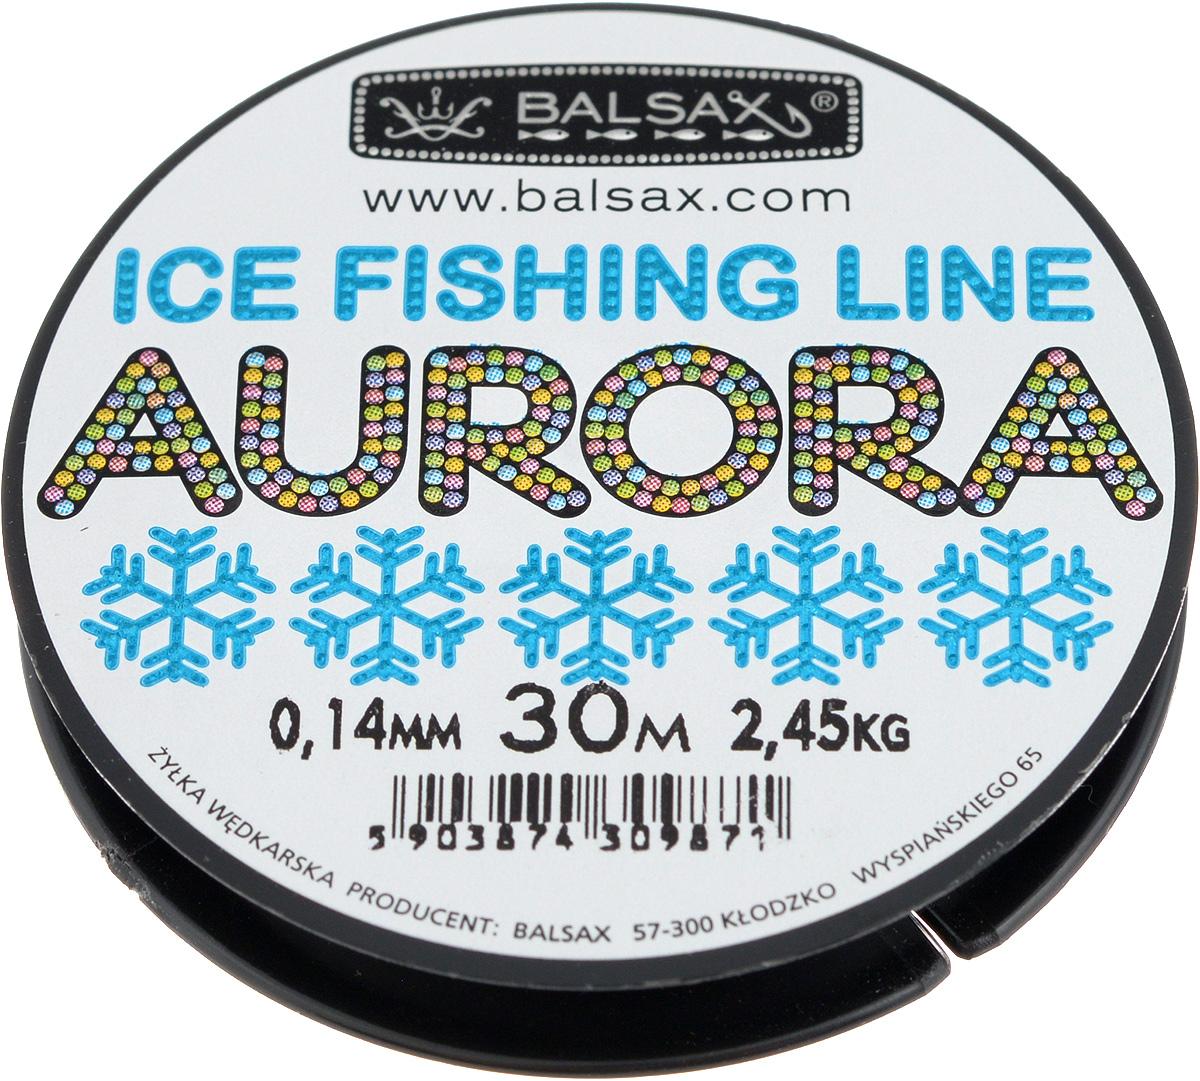 Леска зимняя Balsax Aurora, 30 м, 0,14 мм, 2,45 кг310-04014Леска Balsax Aurora изготовлена из 100% нейлона и очень хорошо выдерживает низкие температуры. Даже в самом холодном климате, при температуре вплоть до -40°C, она сохраняет свои свойства практически без изменений, в то время как традиционные лески становятся менее эластичными и теряют прочность. Поверхность лески обработана таким образом, что она не обмерзает и отлично подходит для подледного лова. Прочна в местах вязки узлов даже при минимальном диаметре.